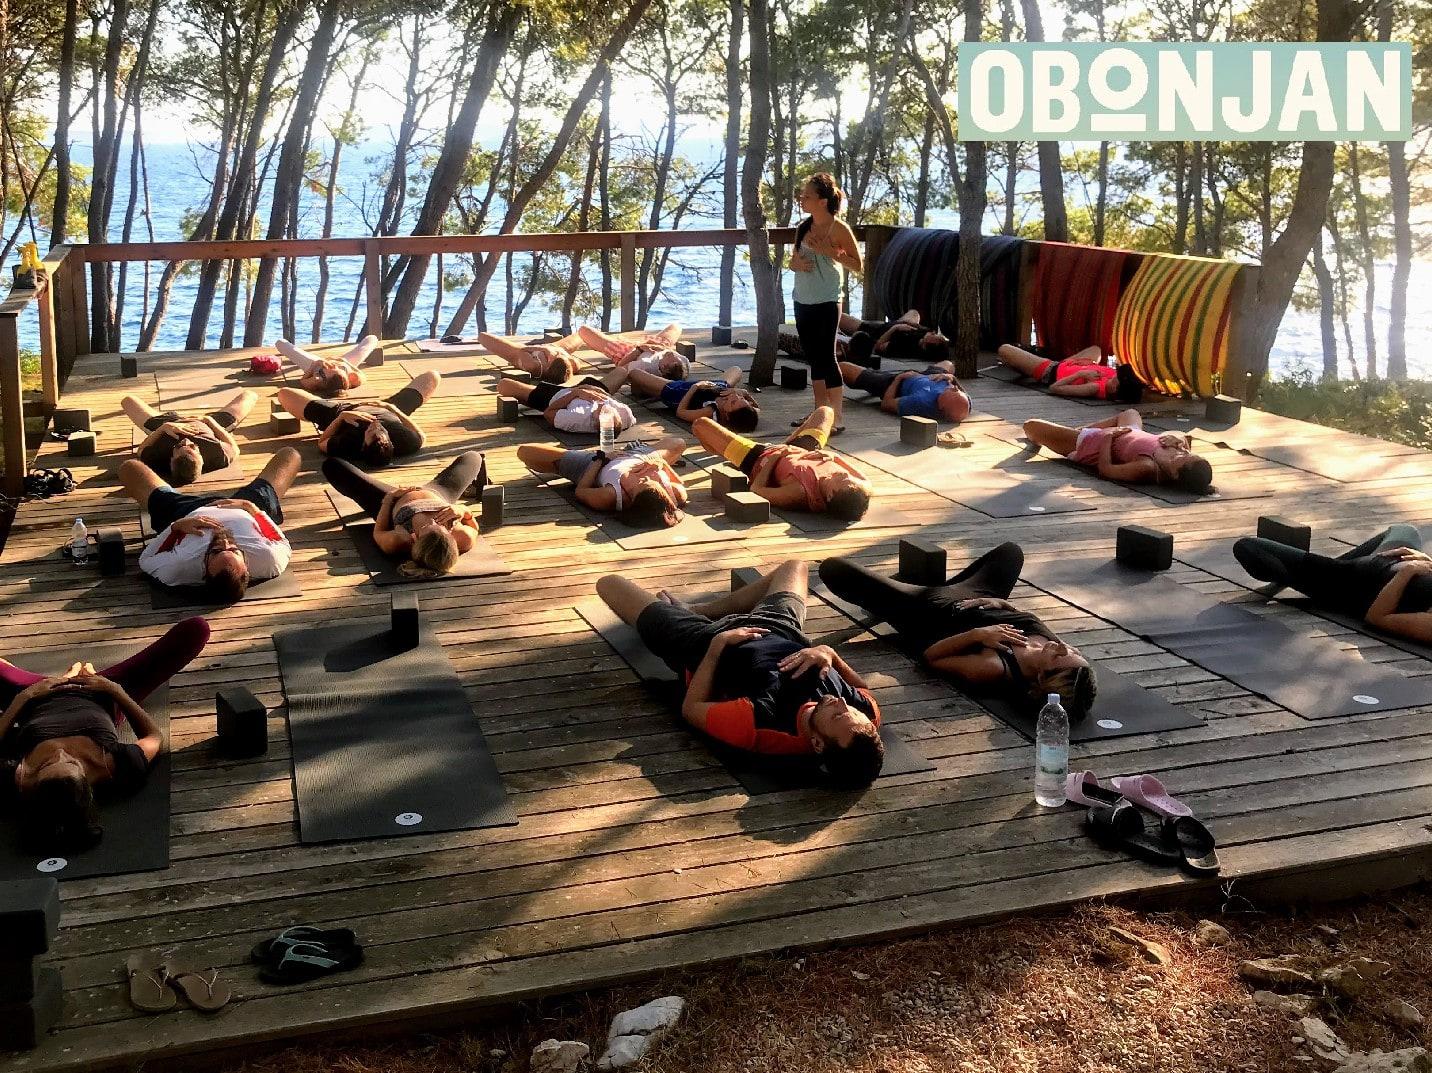 Yoga ObonjanZenDen 2